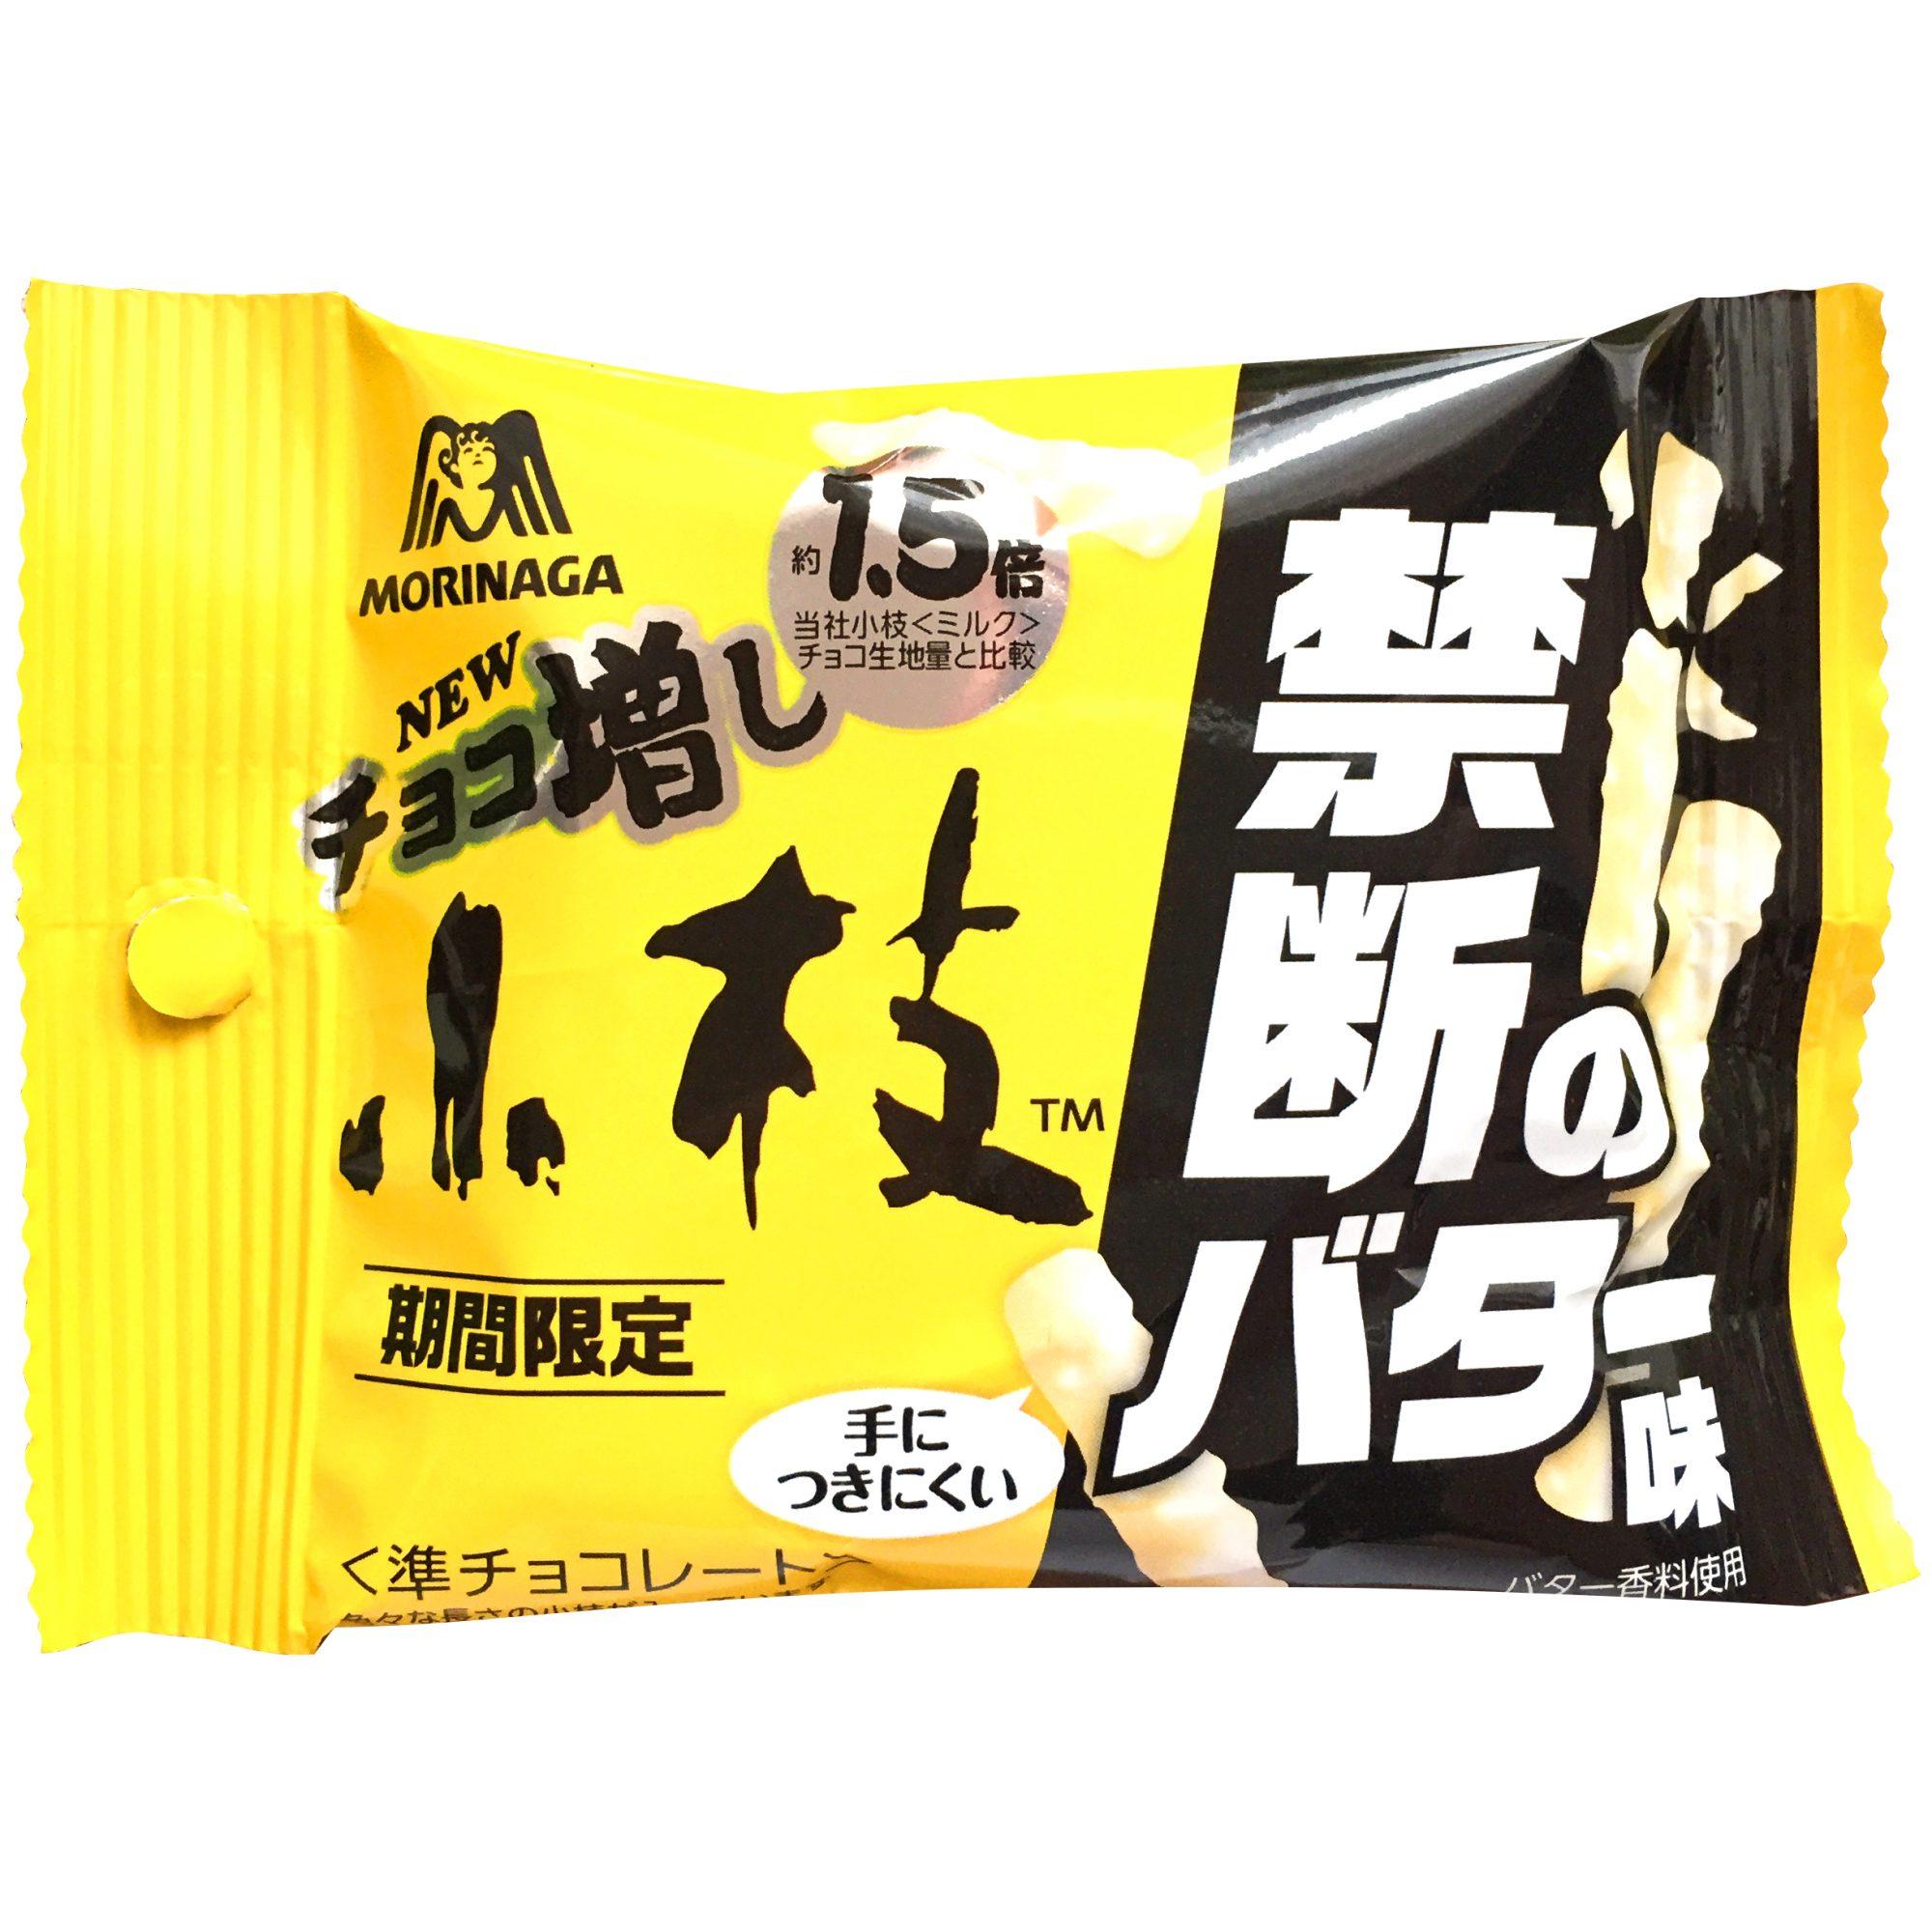 森永製菓『チョコ増し小枝<禁断のバター味>』はコク深いミルキーさと塩味が癖になる最新ギルティー系準チョコレート!